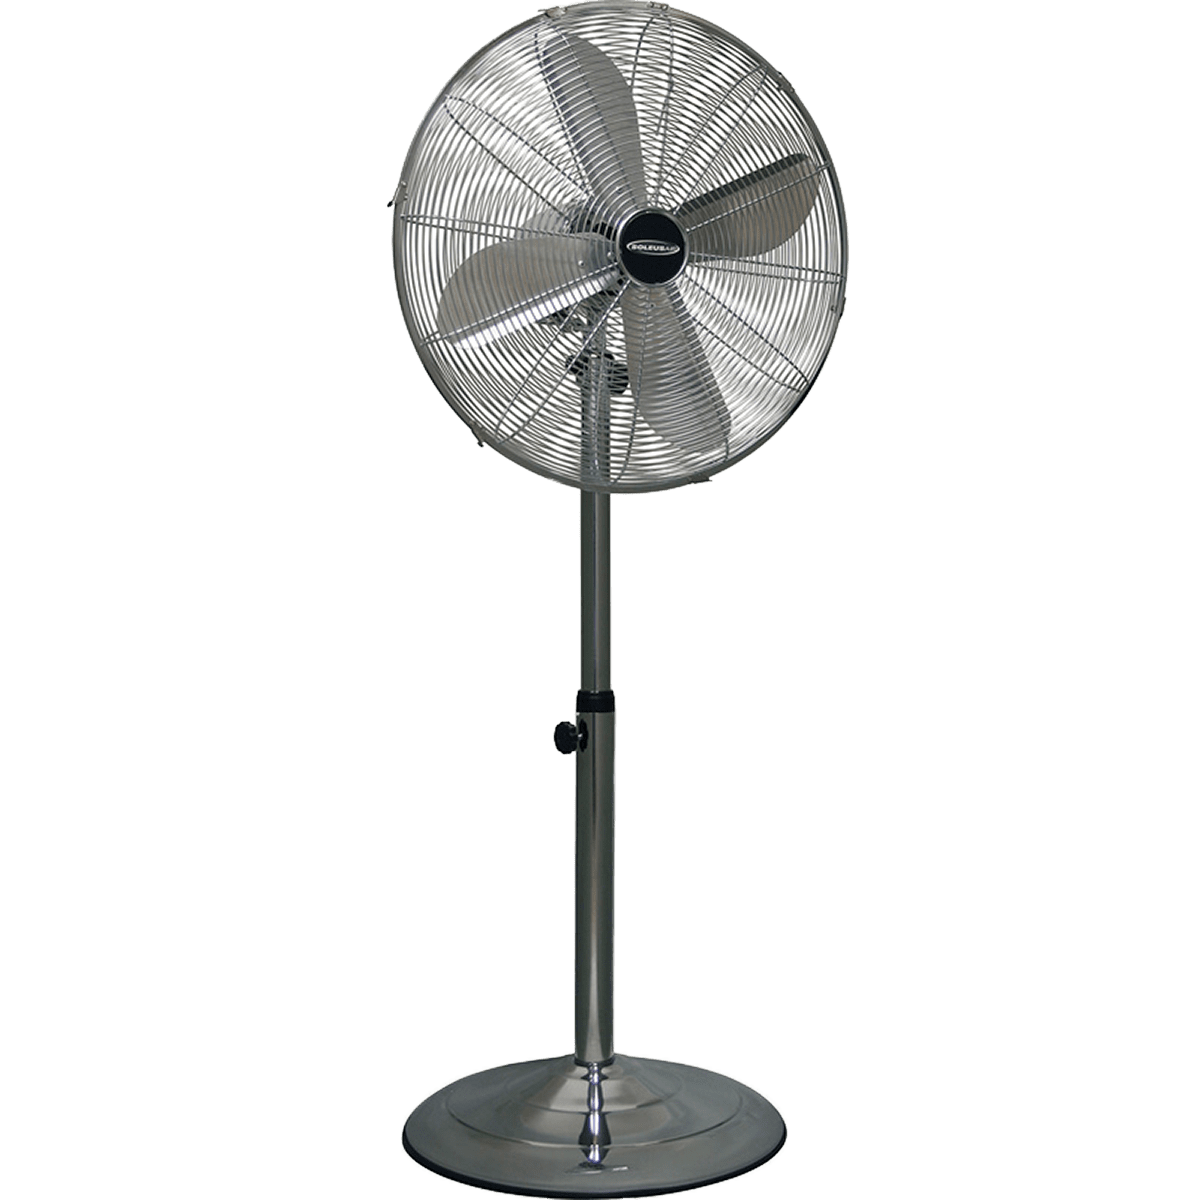 Soleus Air Fm 45 1 Pedestal Fan Free Shipping Sylvane